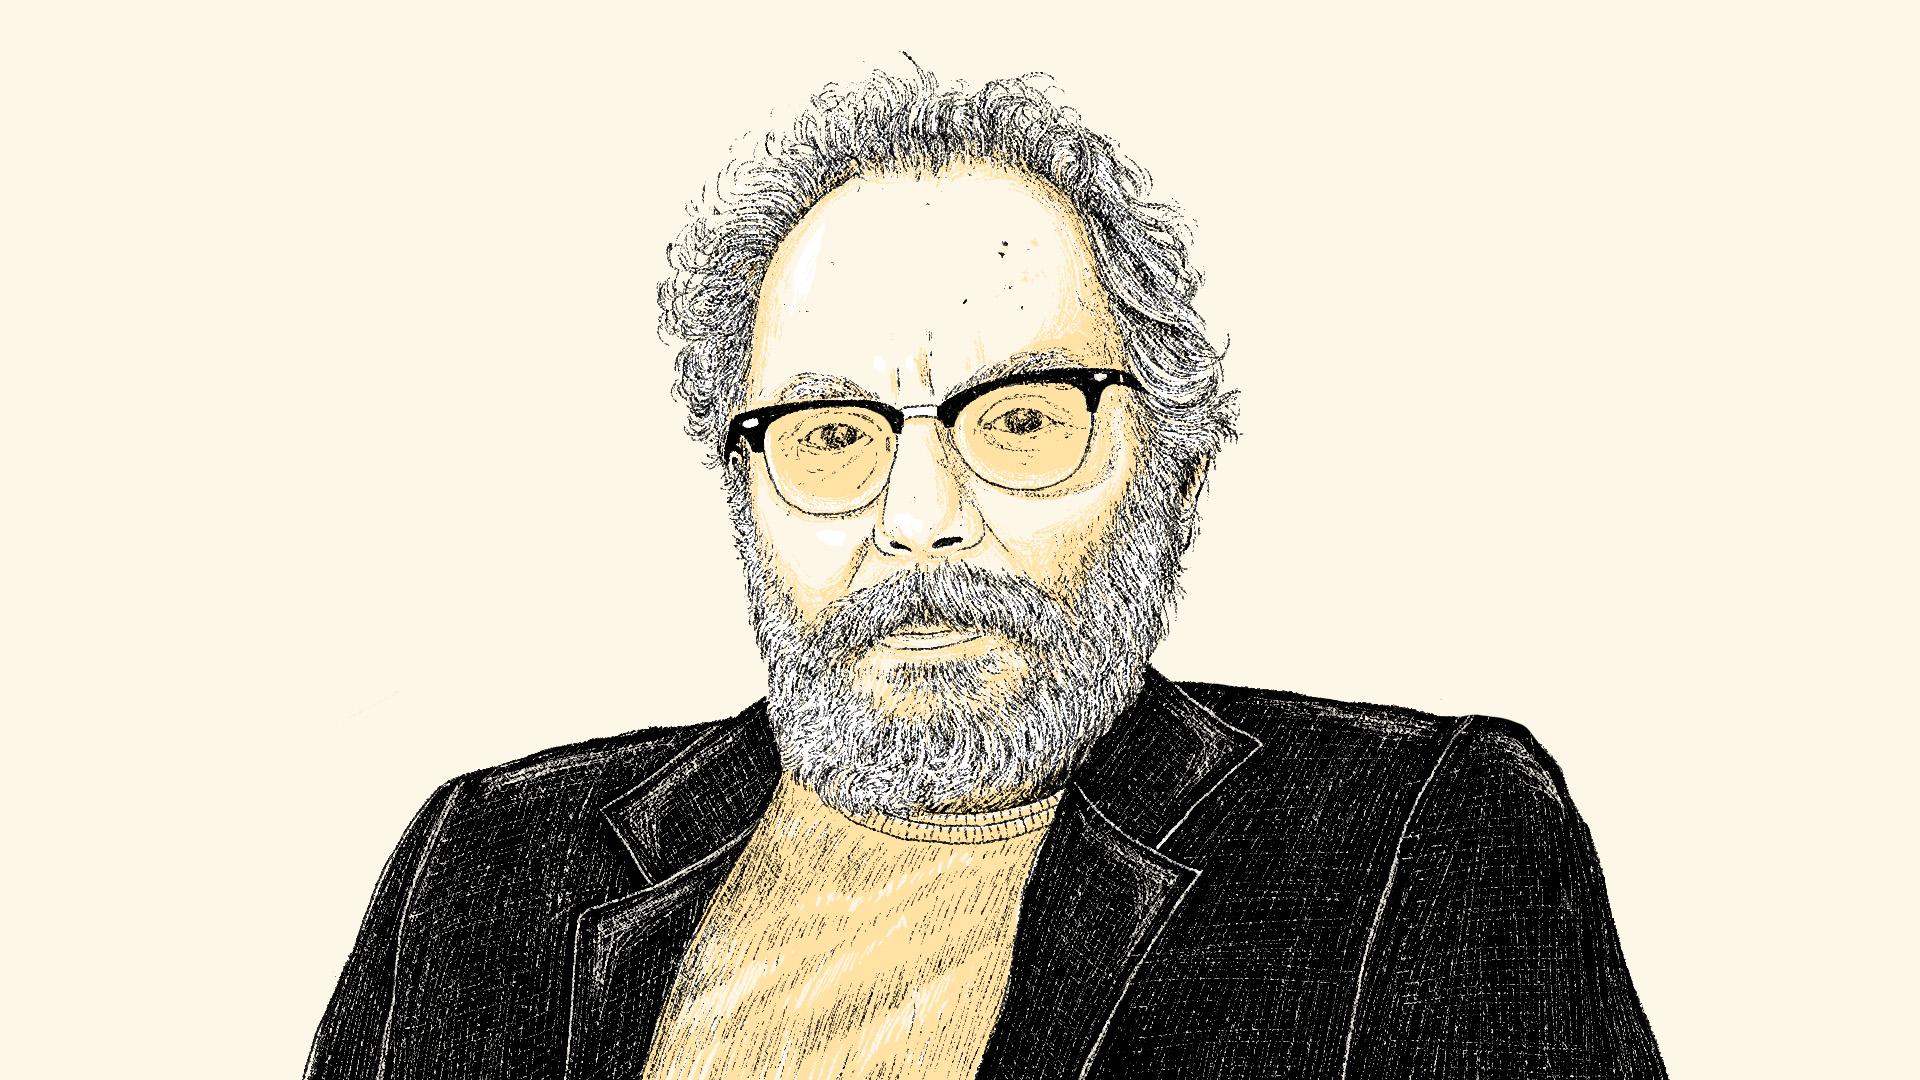 Muere el pintor mexicano Arturo Rivera, famoso por sus obras provocadoras